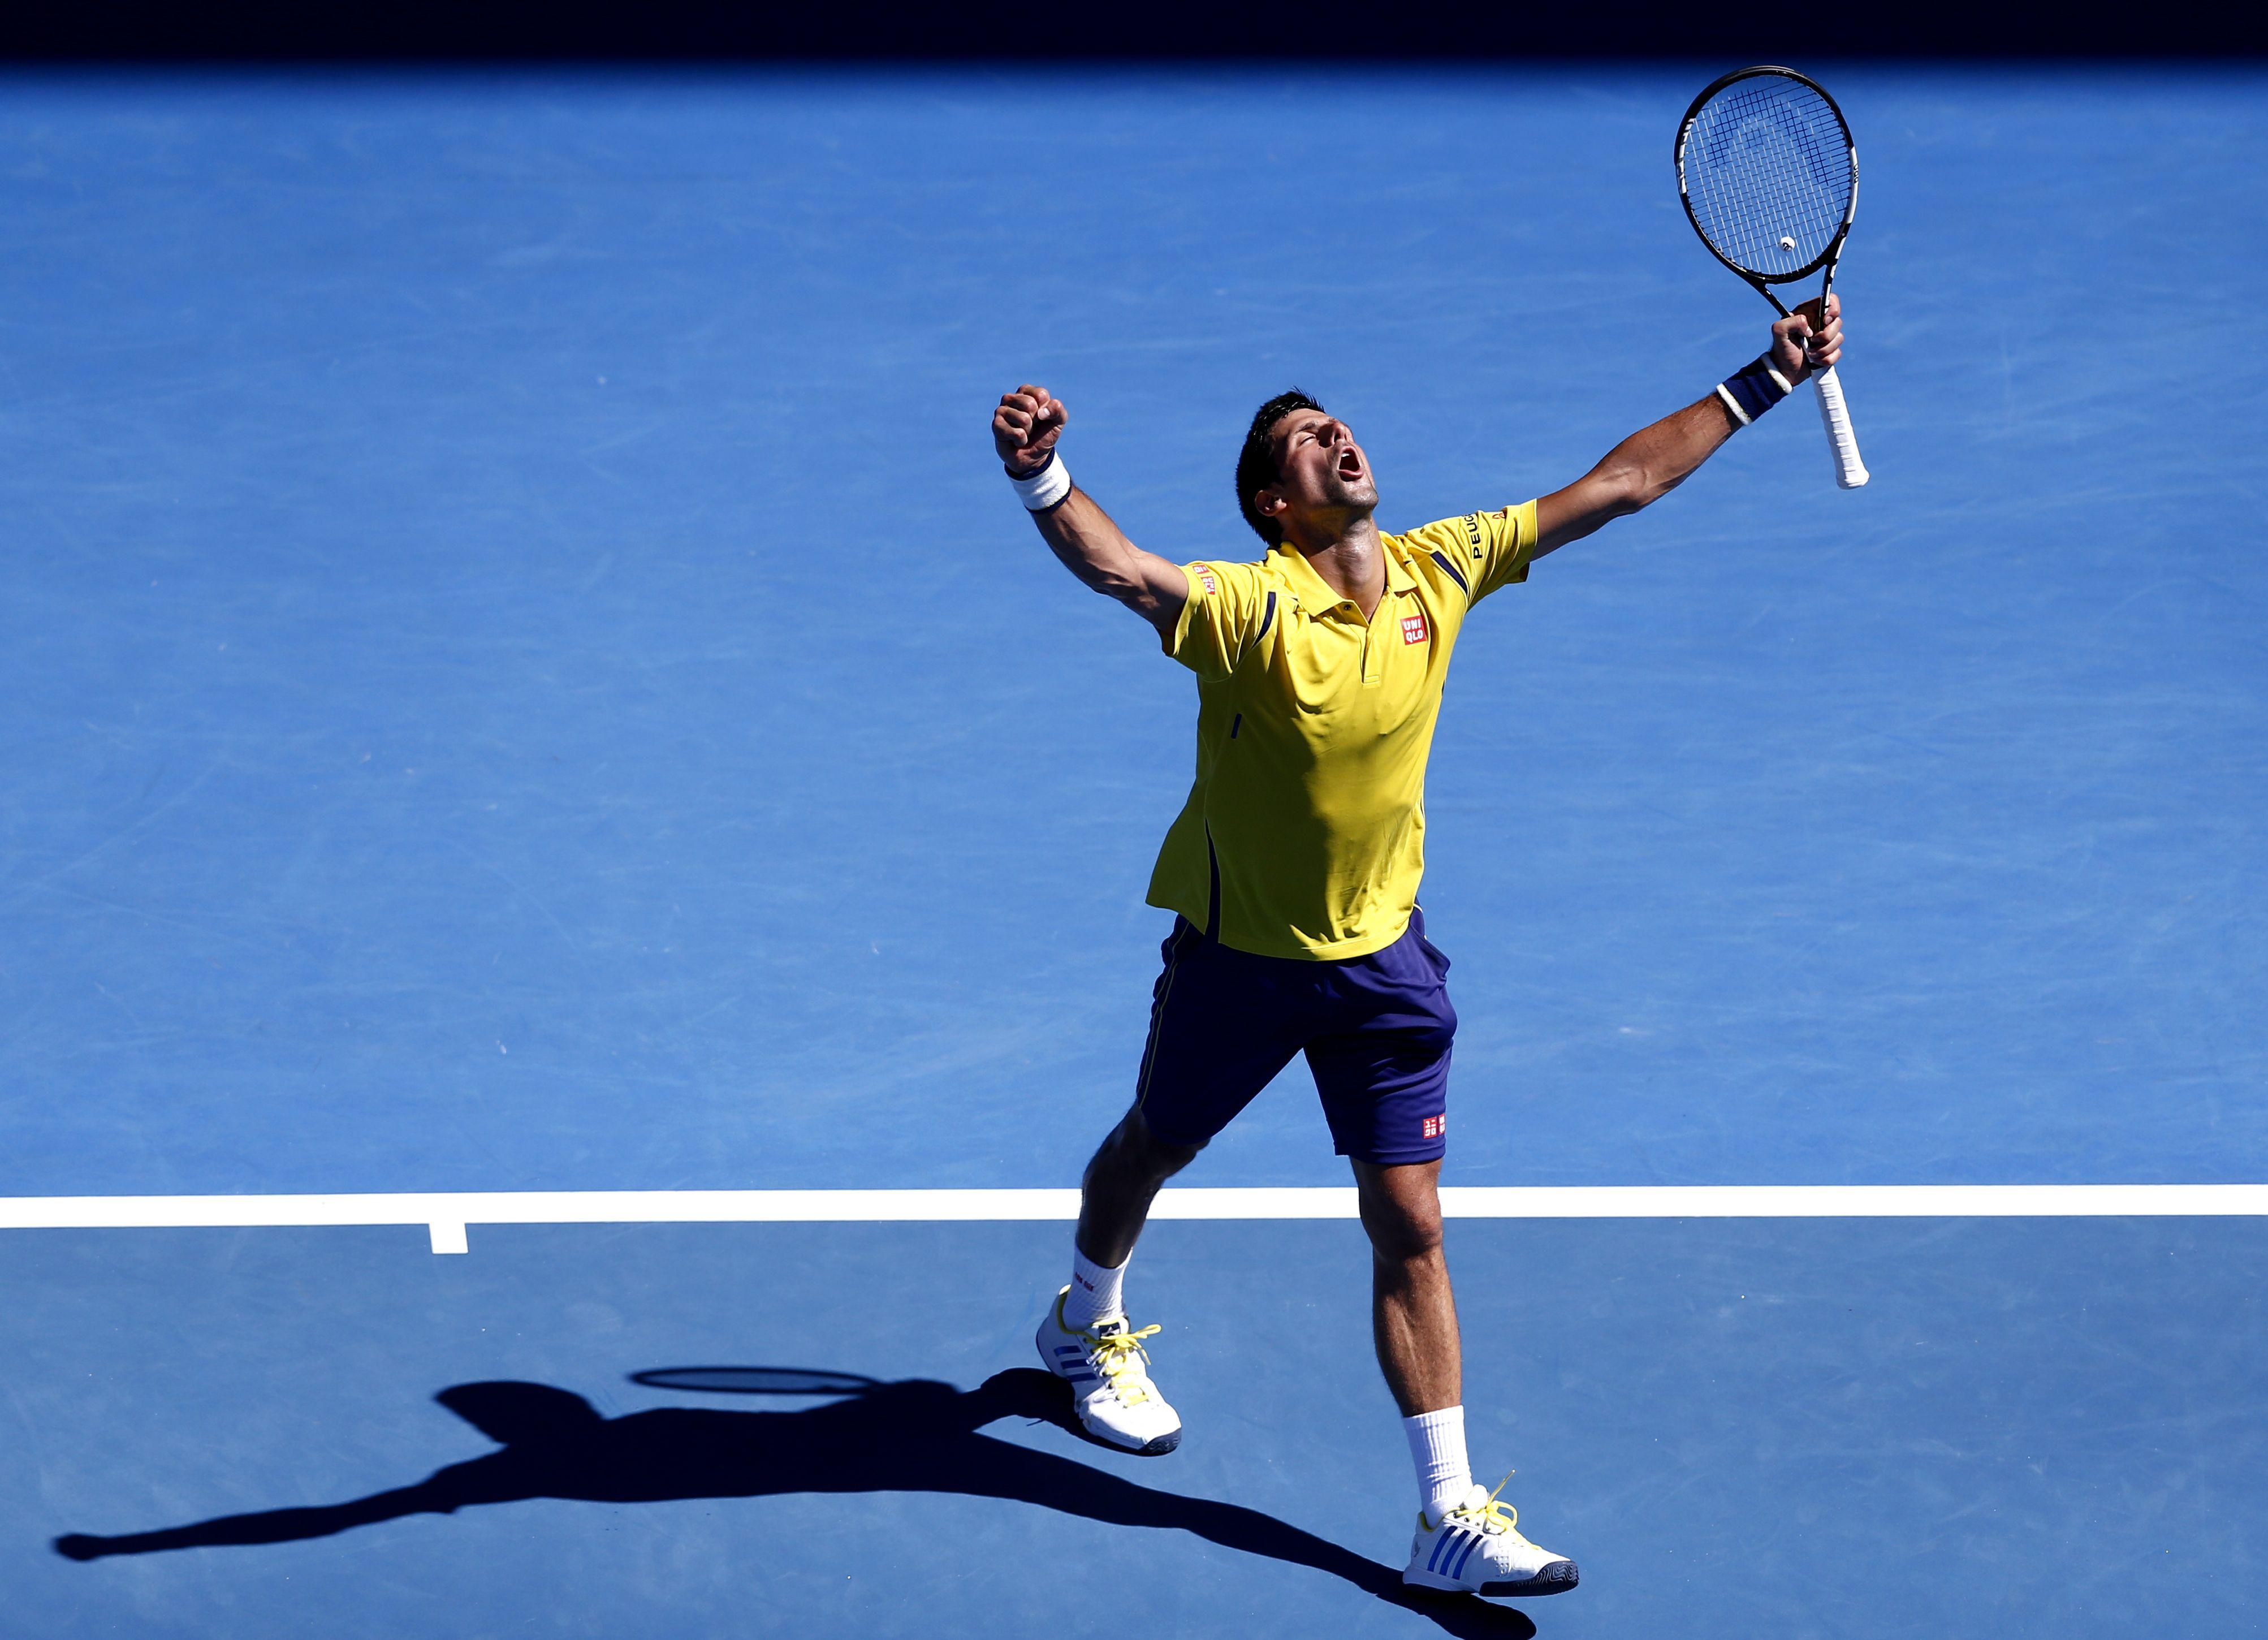 Festejo. Djokovic celebra una victoria que le costó mucho esfuerzo conseguir. (AP)